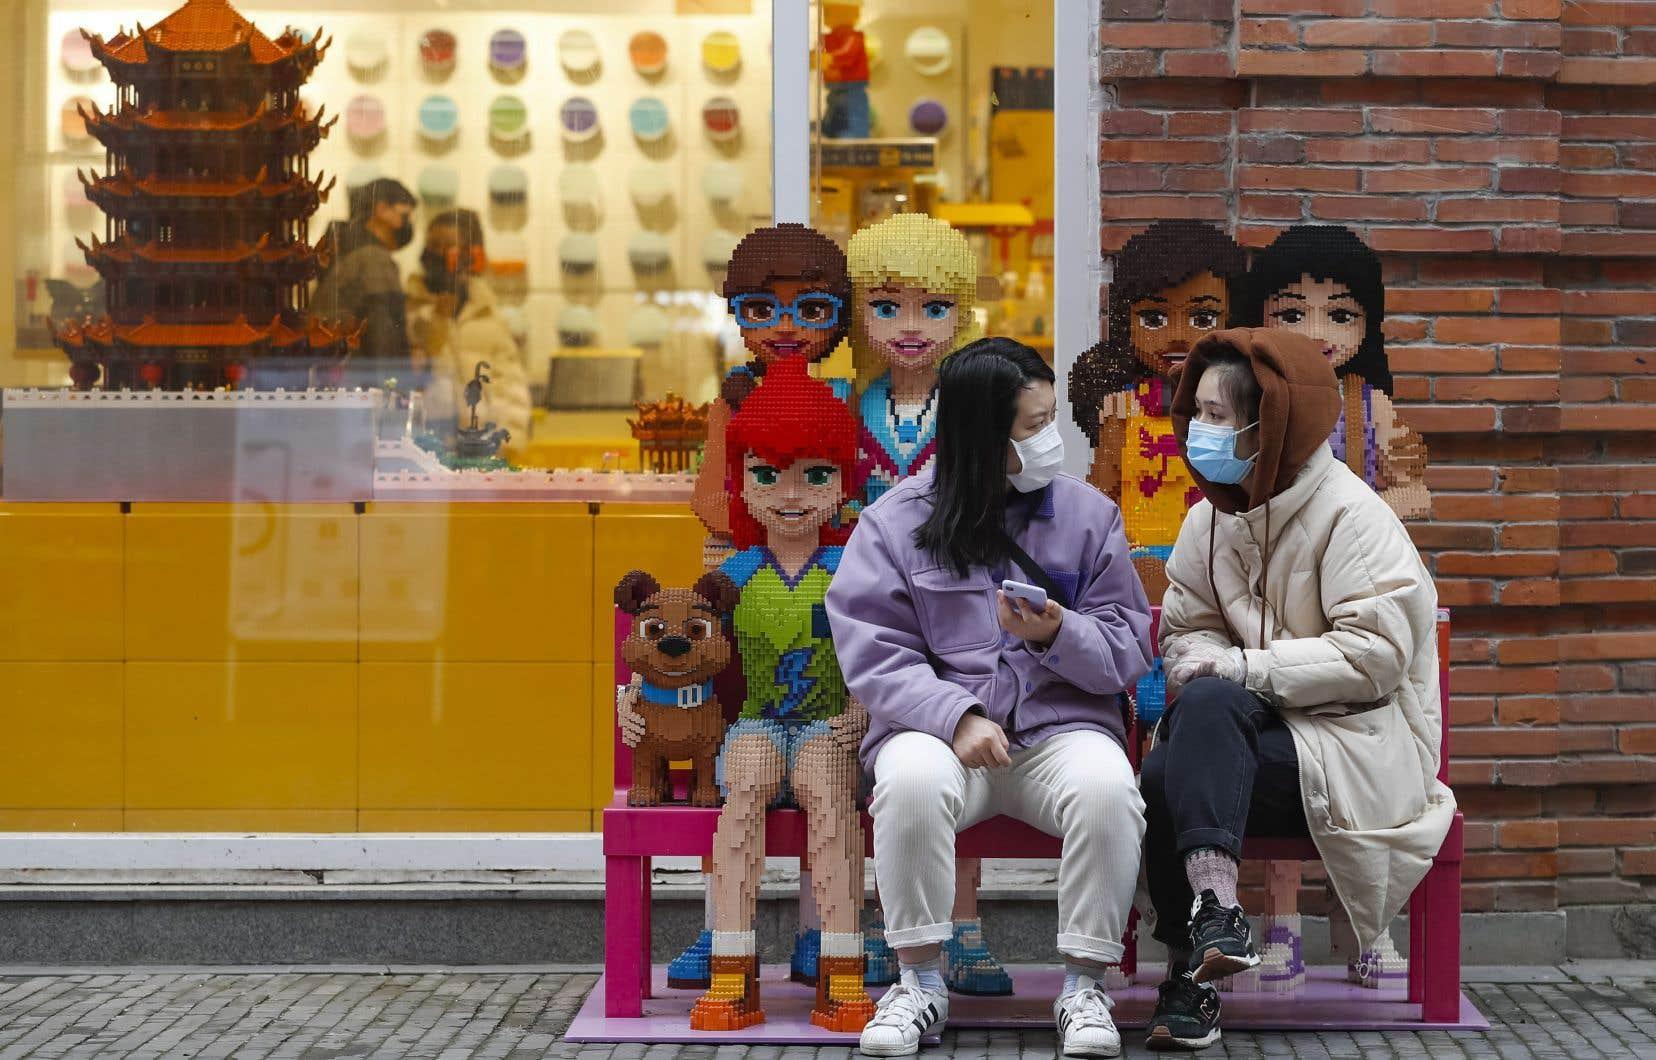 Les commerces de Wuhan rouvraient leurs portes lundi, mais les clients se faisaient rares.